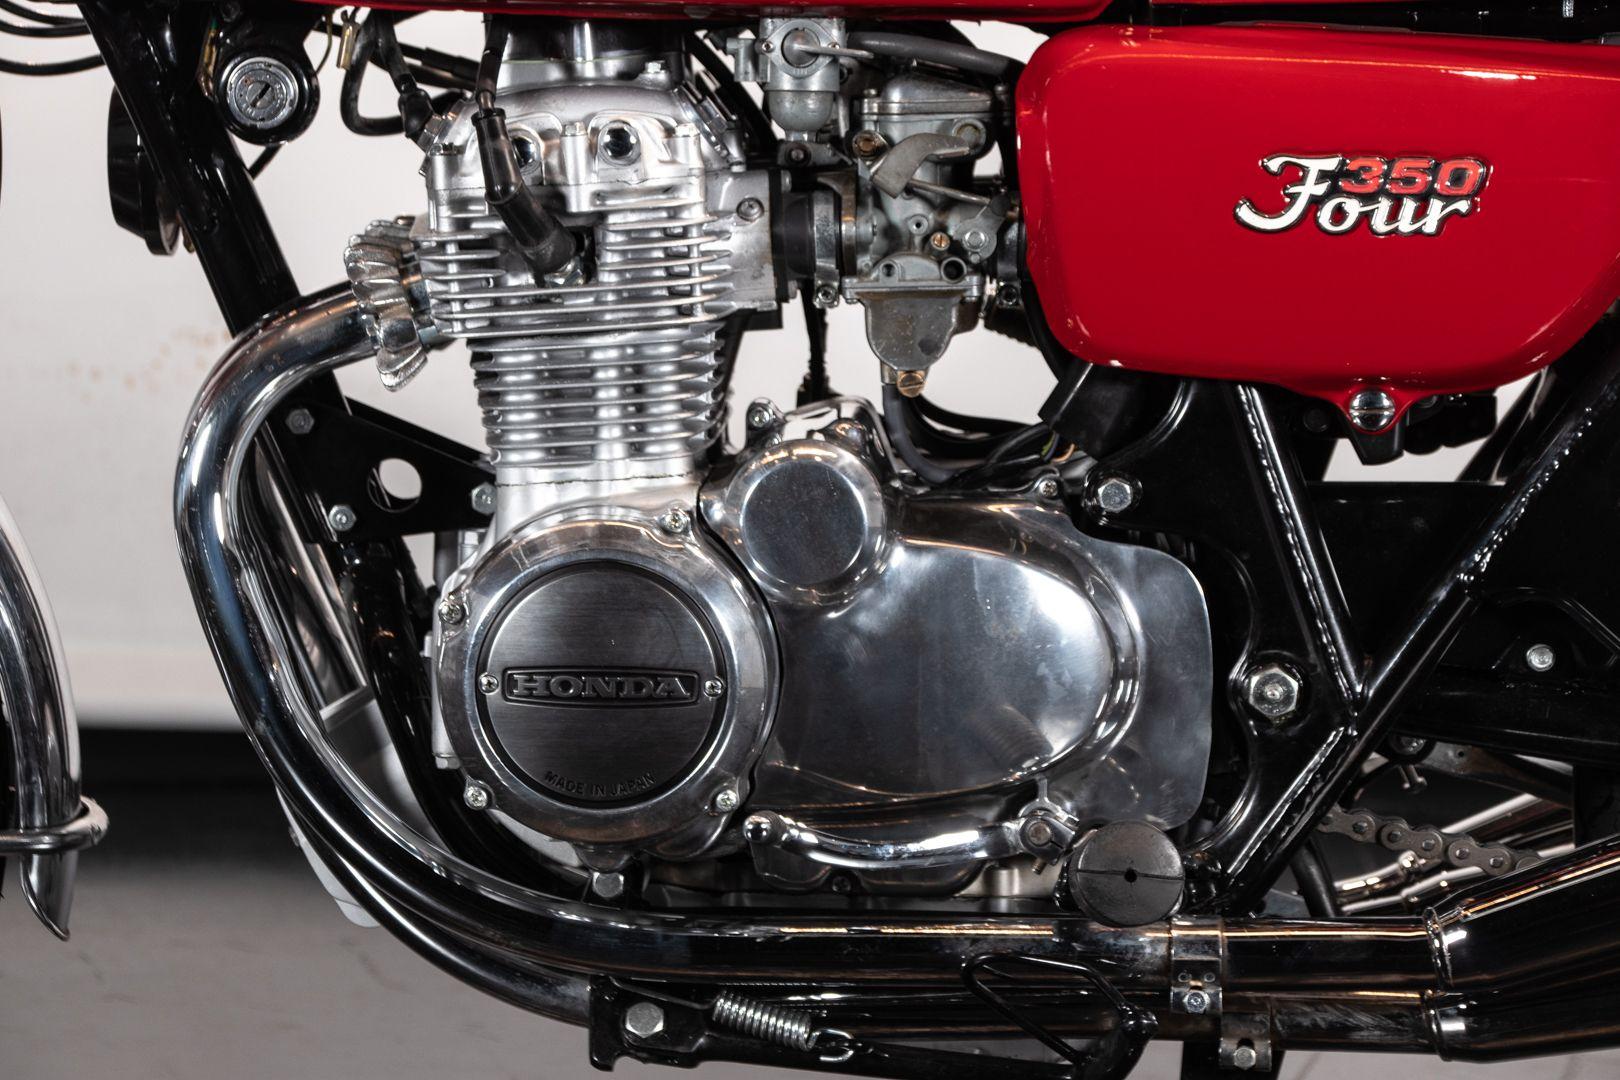 1973 Honda CB 350 Four 73281